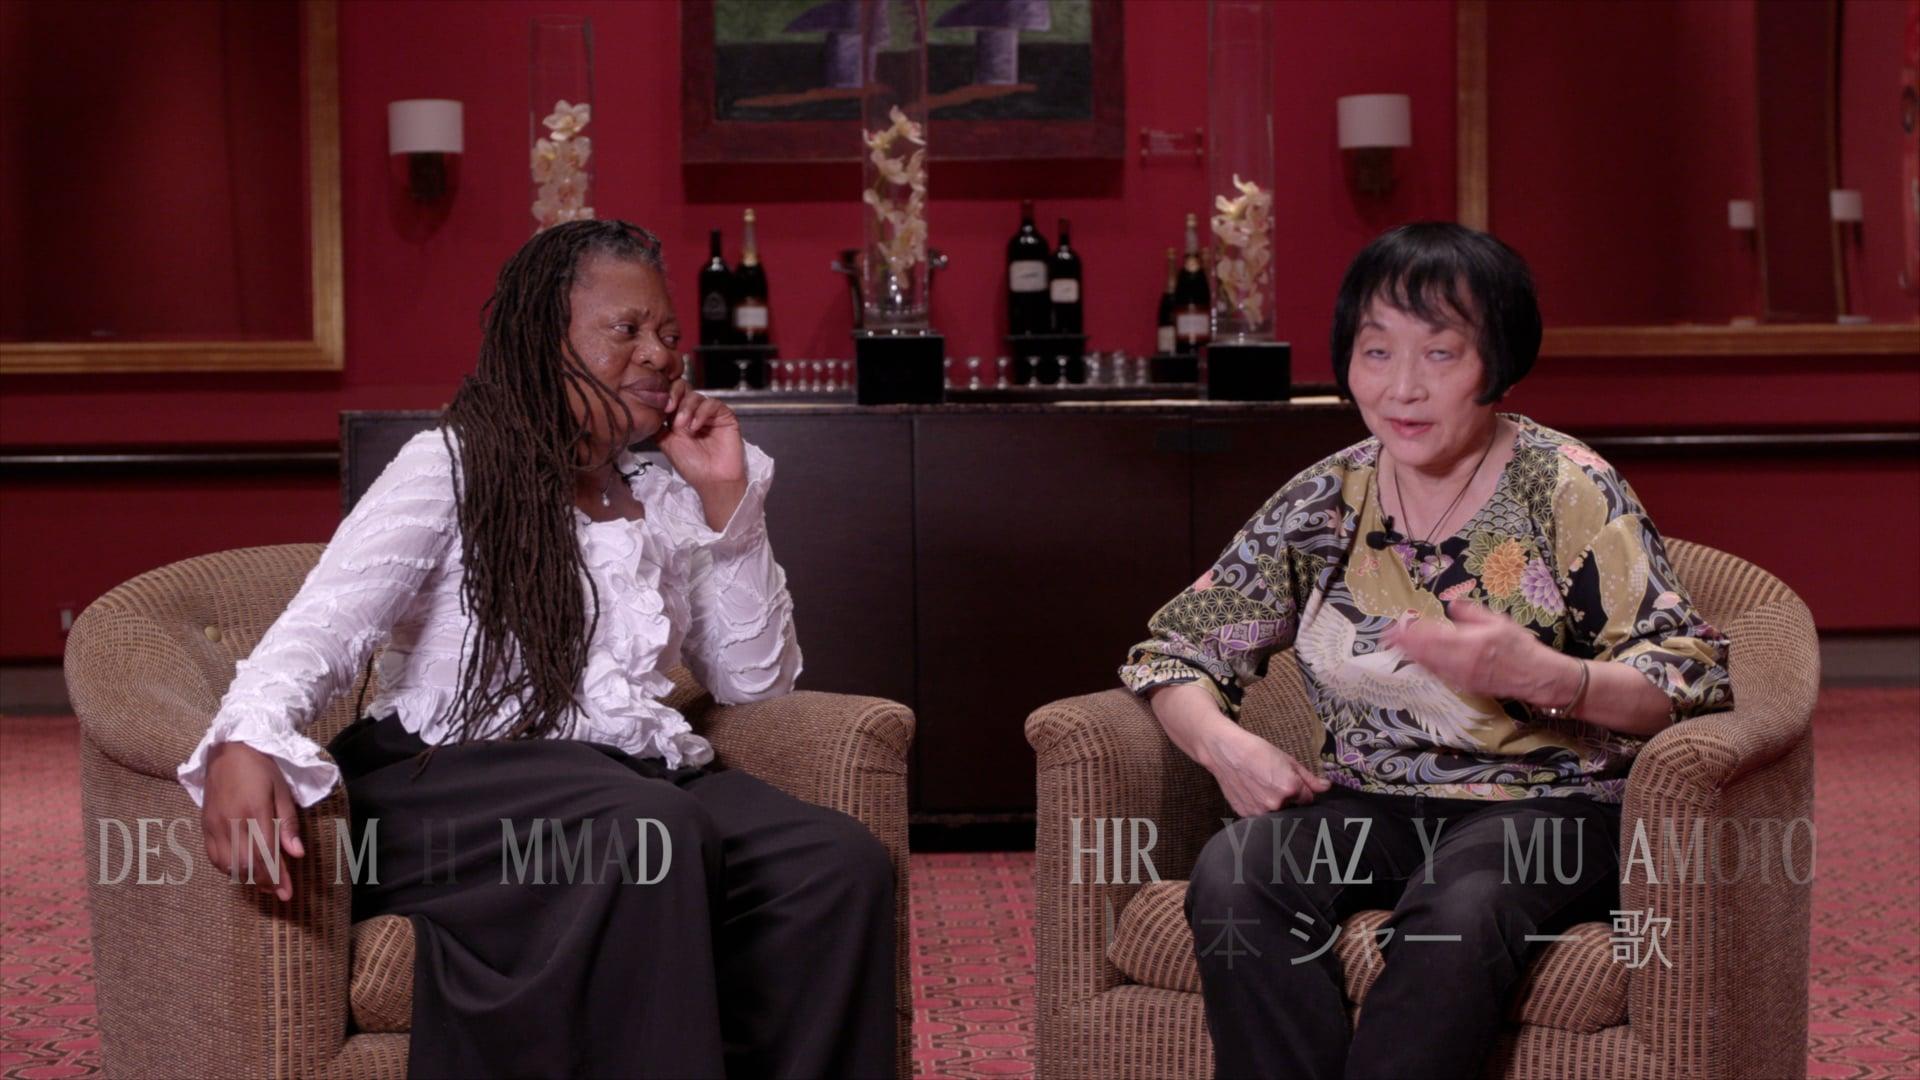 In Conversation: Shirley Kazuyo Muram...